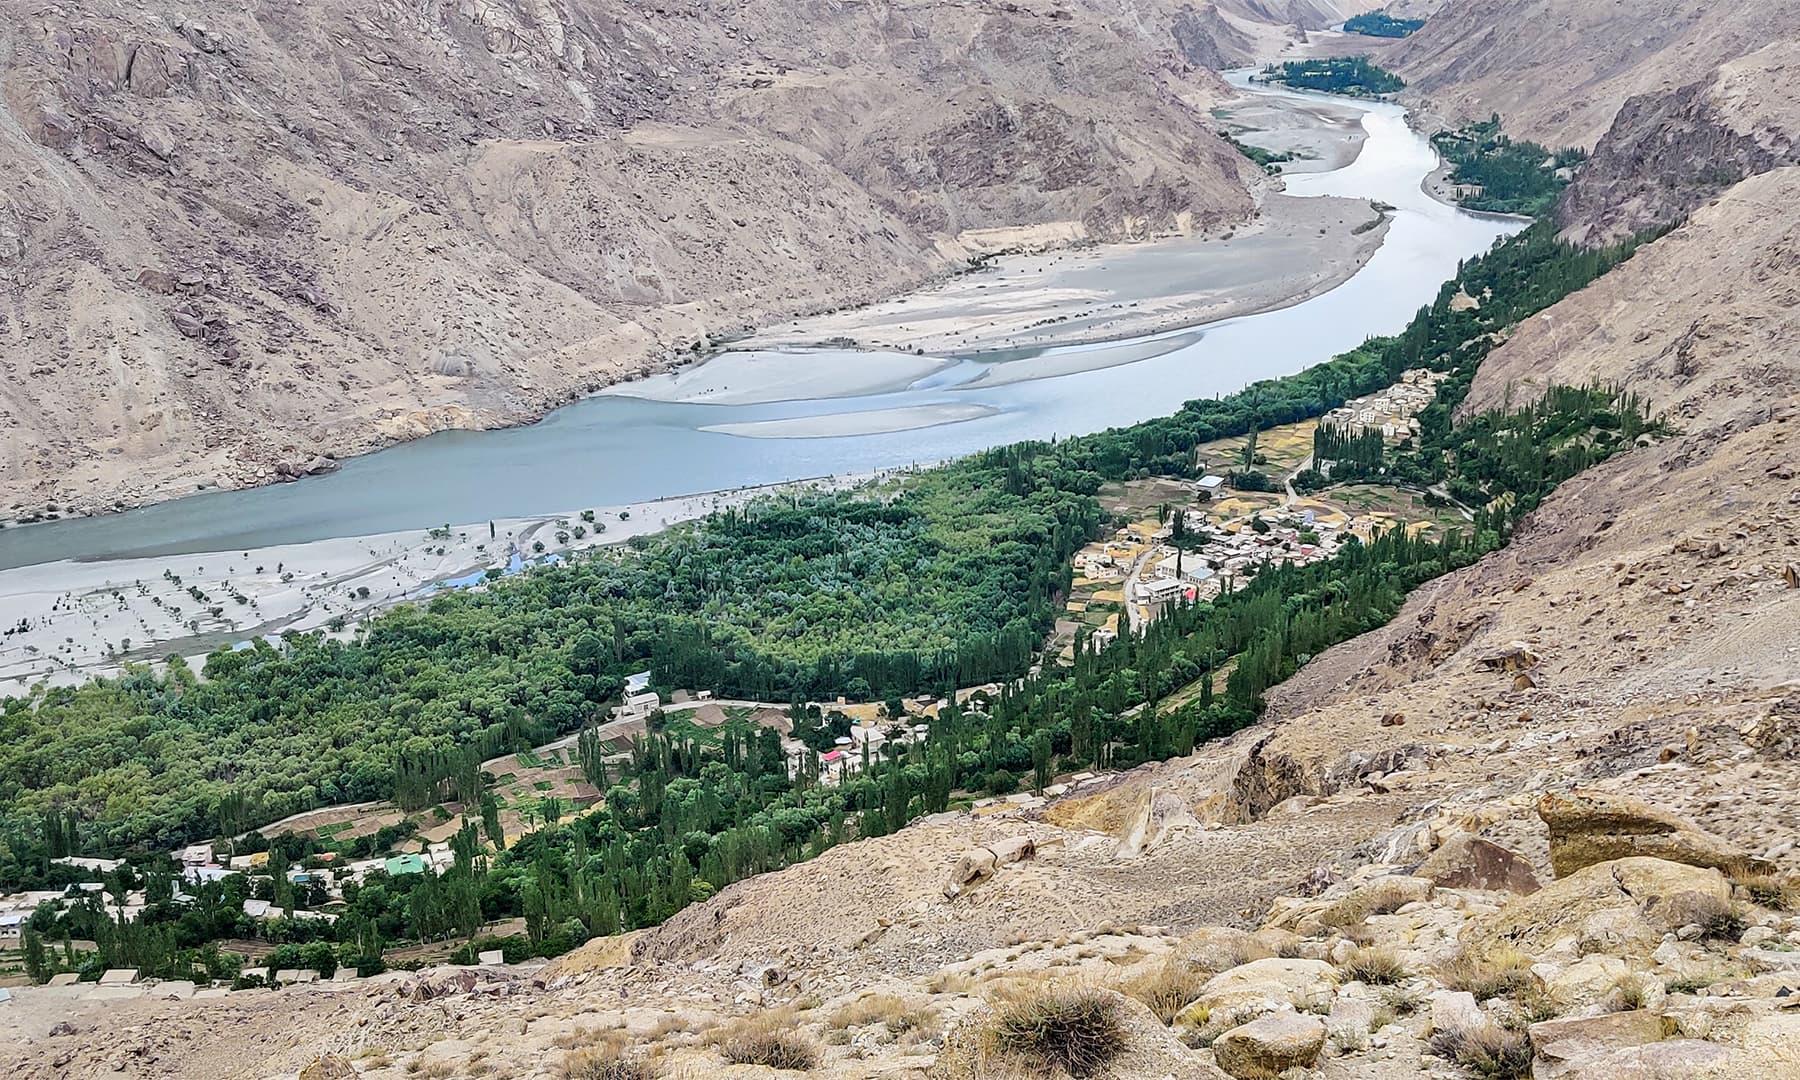 گول سے 3 کلومیٹر کی مسافت پر سرمک کا گاؤں آتا ہے